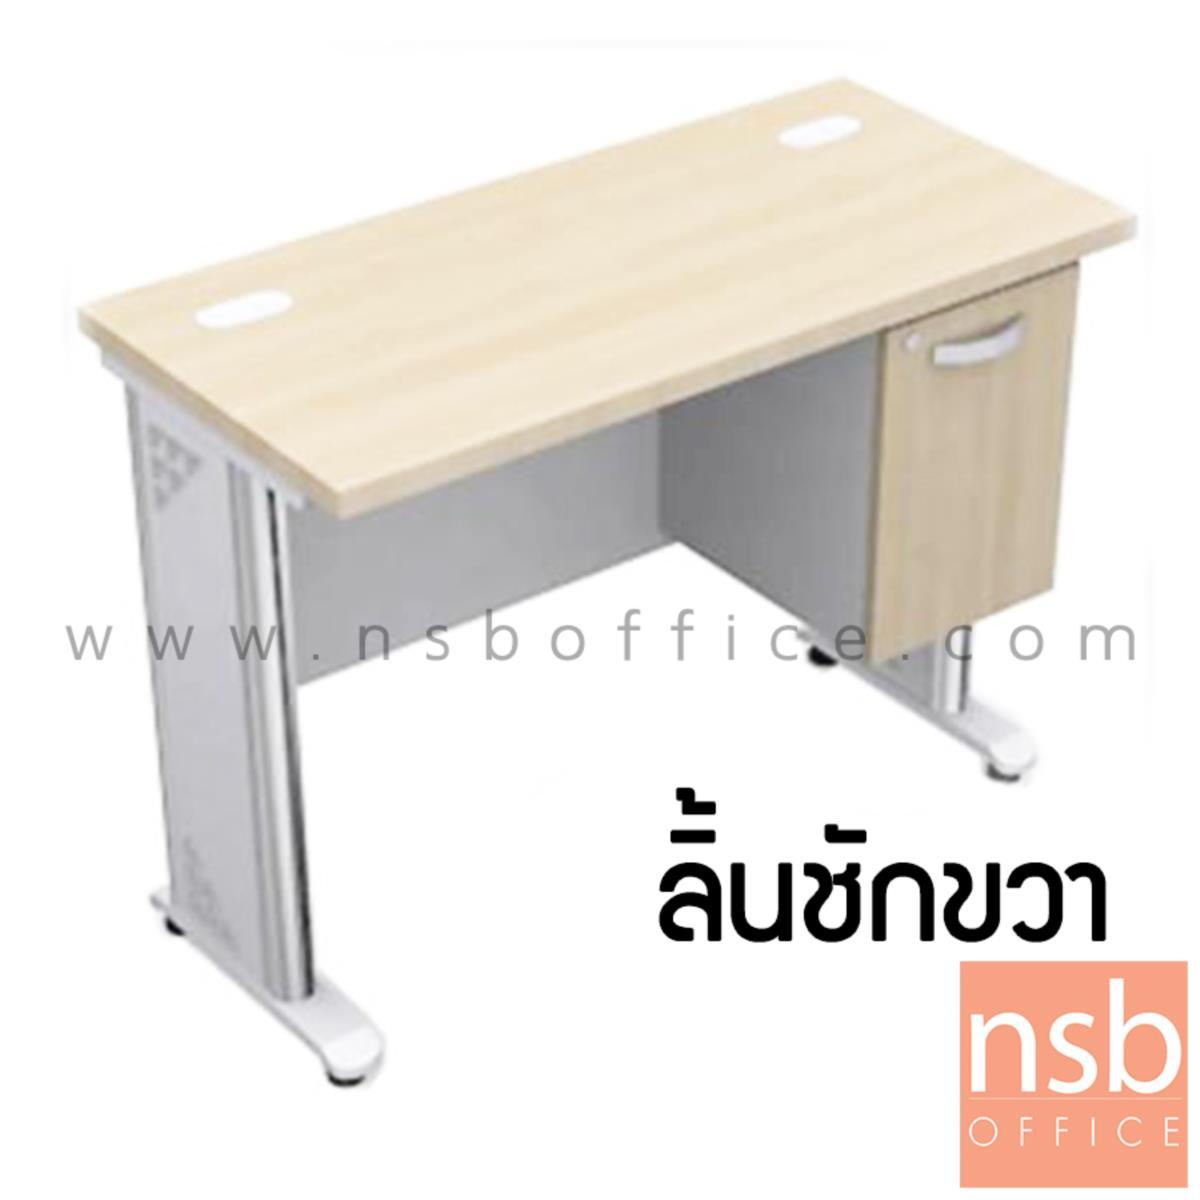 โต๊ะทำงาน 1 ลิ้นชักข้าง รุ่น Hewitt (ฮิววิต) ขนาด 100W*75H cm.  ขาเหล็ก